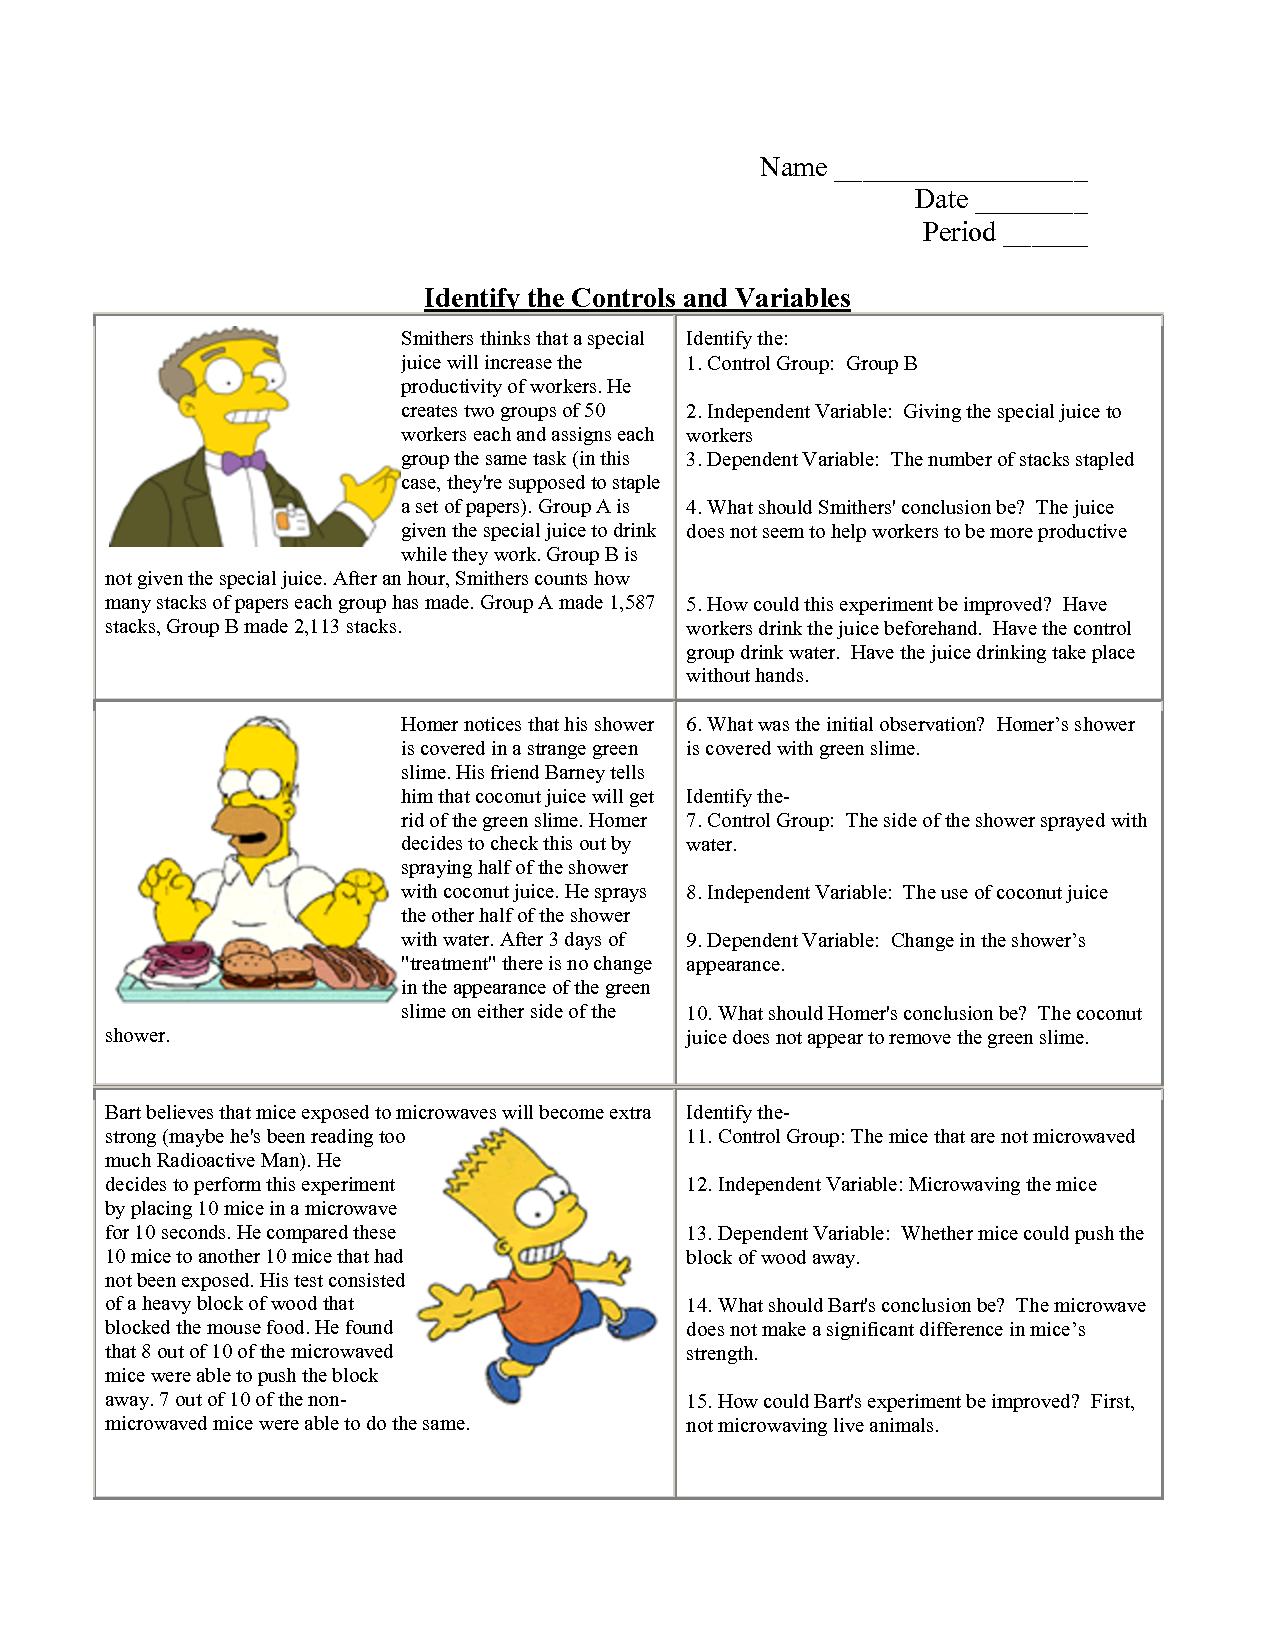 Identifying Variables Worksheet Answers   Scientific method worksheet [ 1650 x 1275 Pixel ]